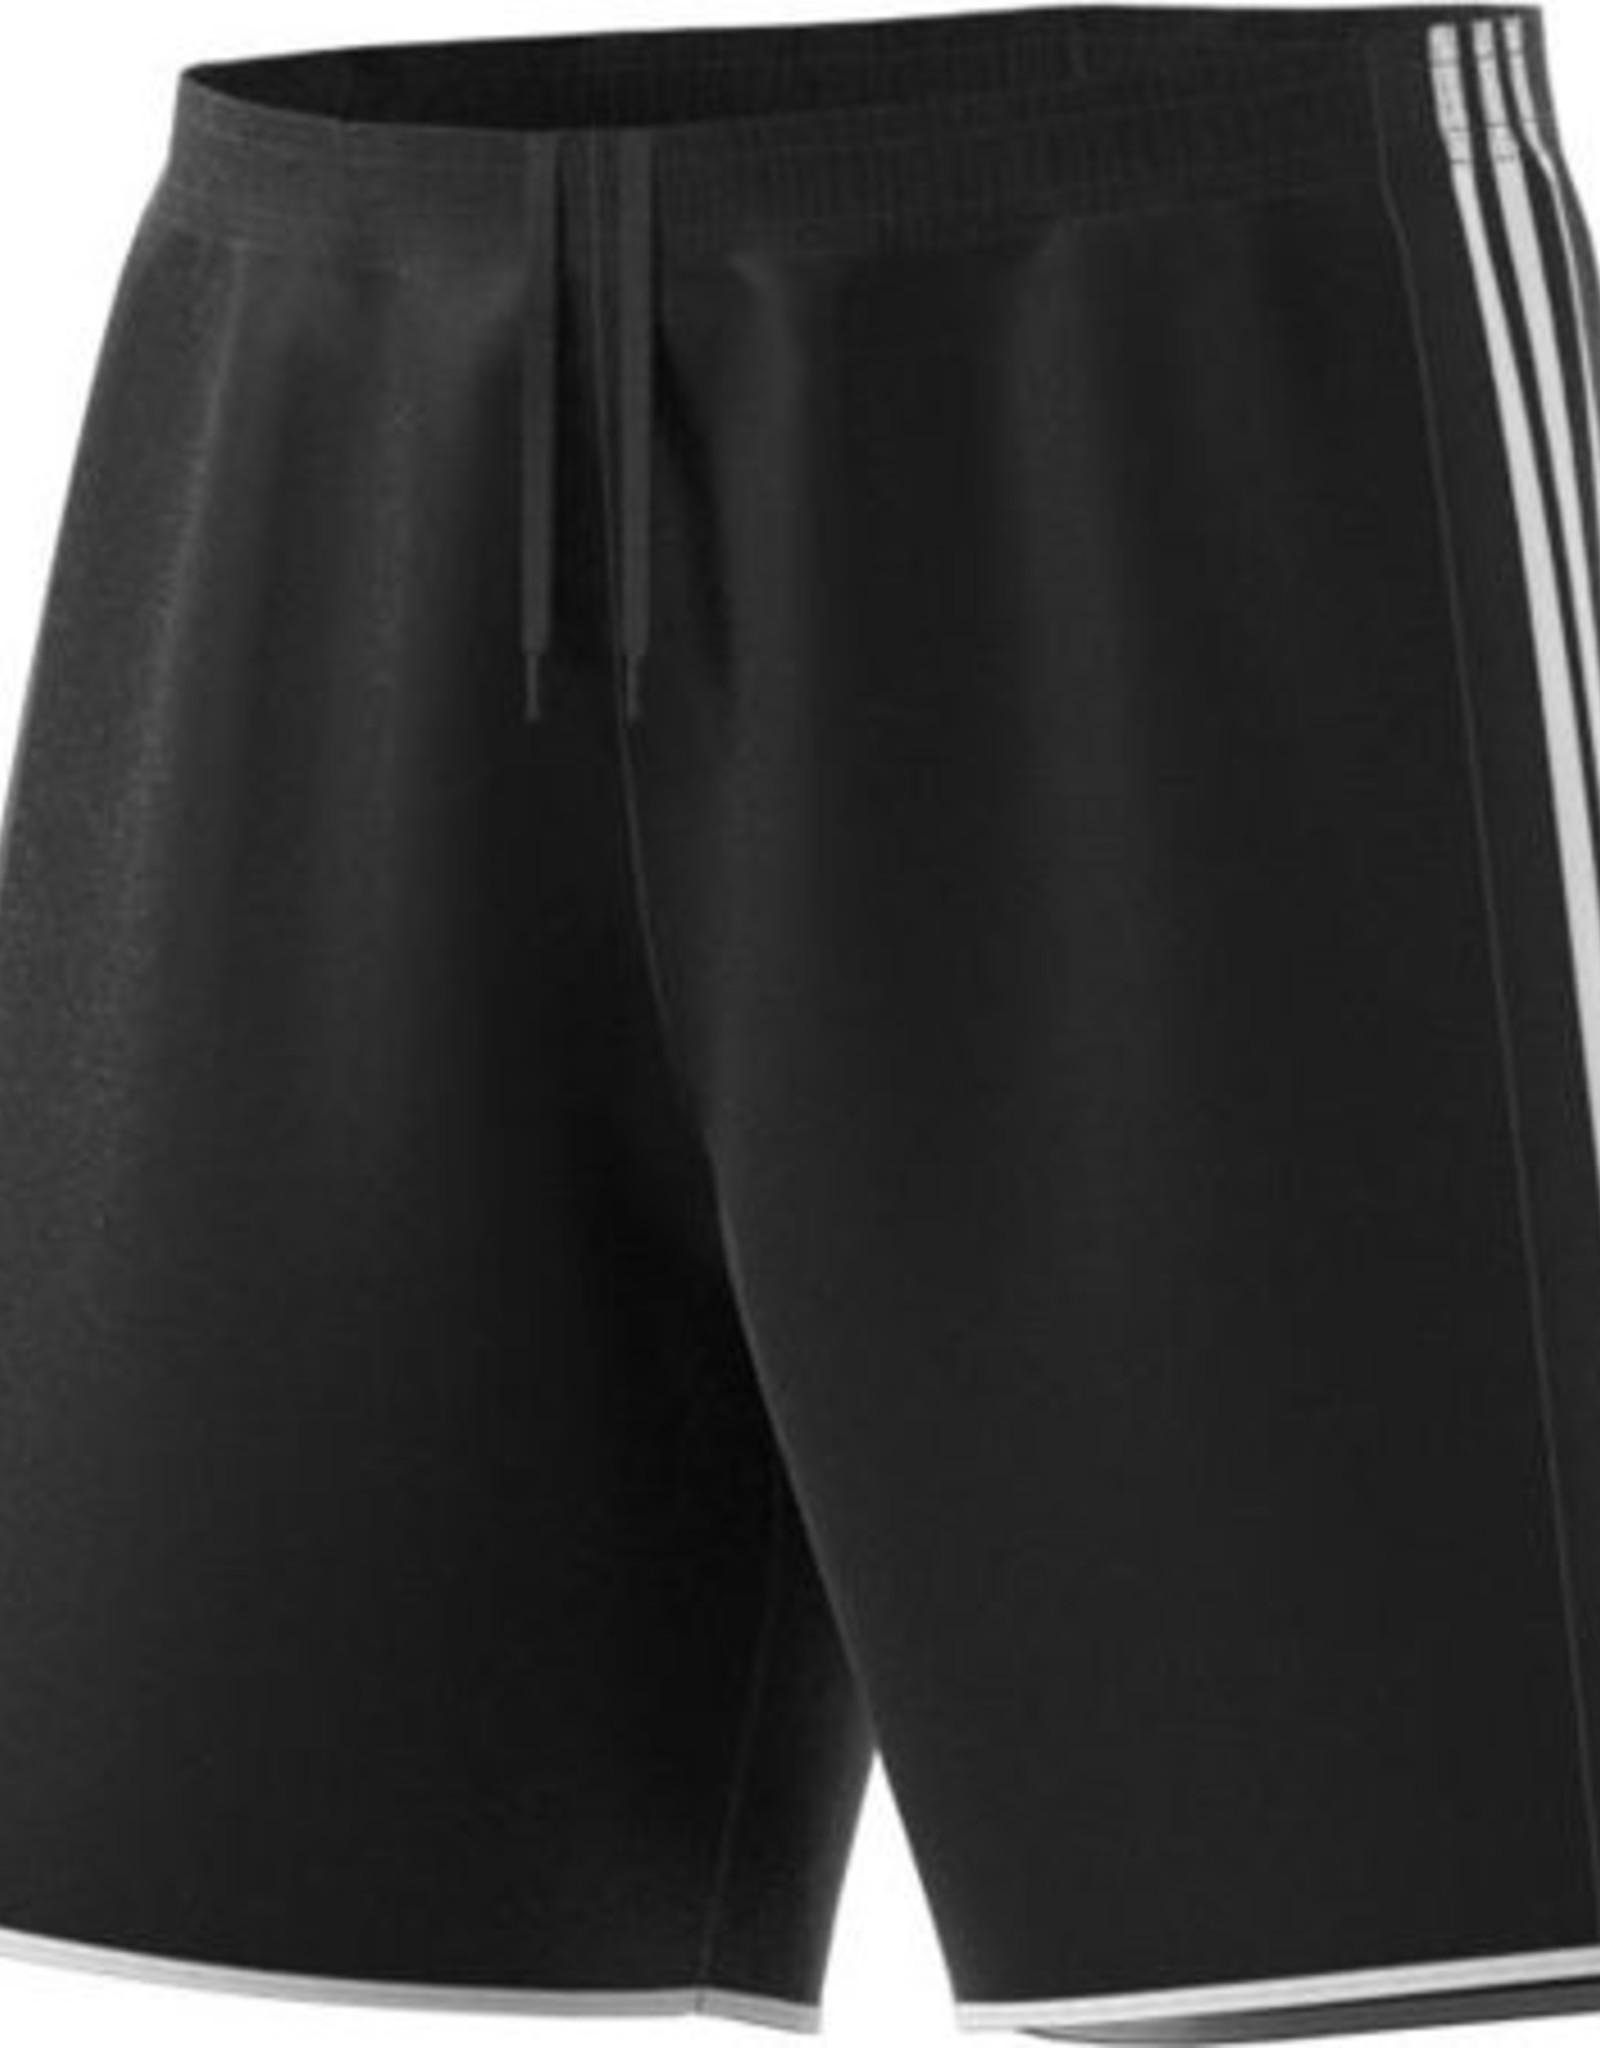 Adidas Adidas Tastigo 17 shorts